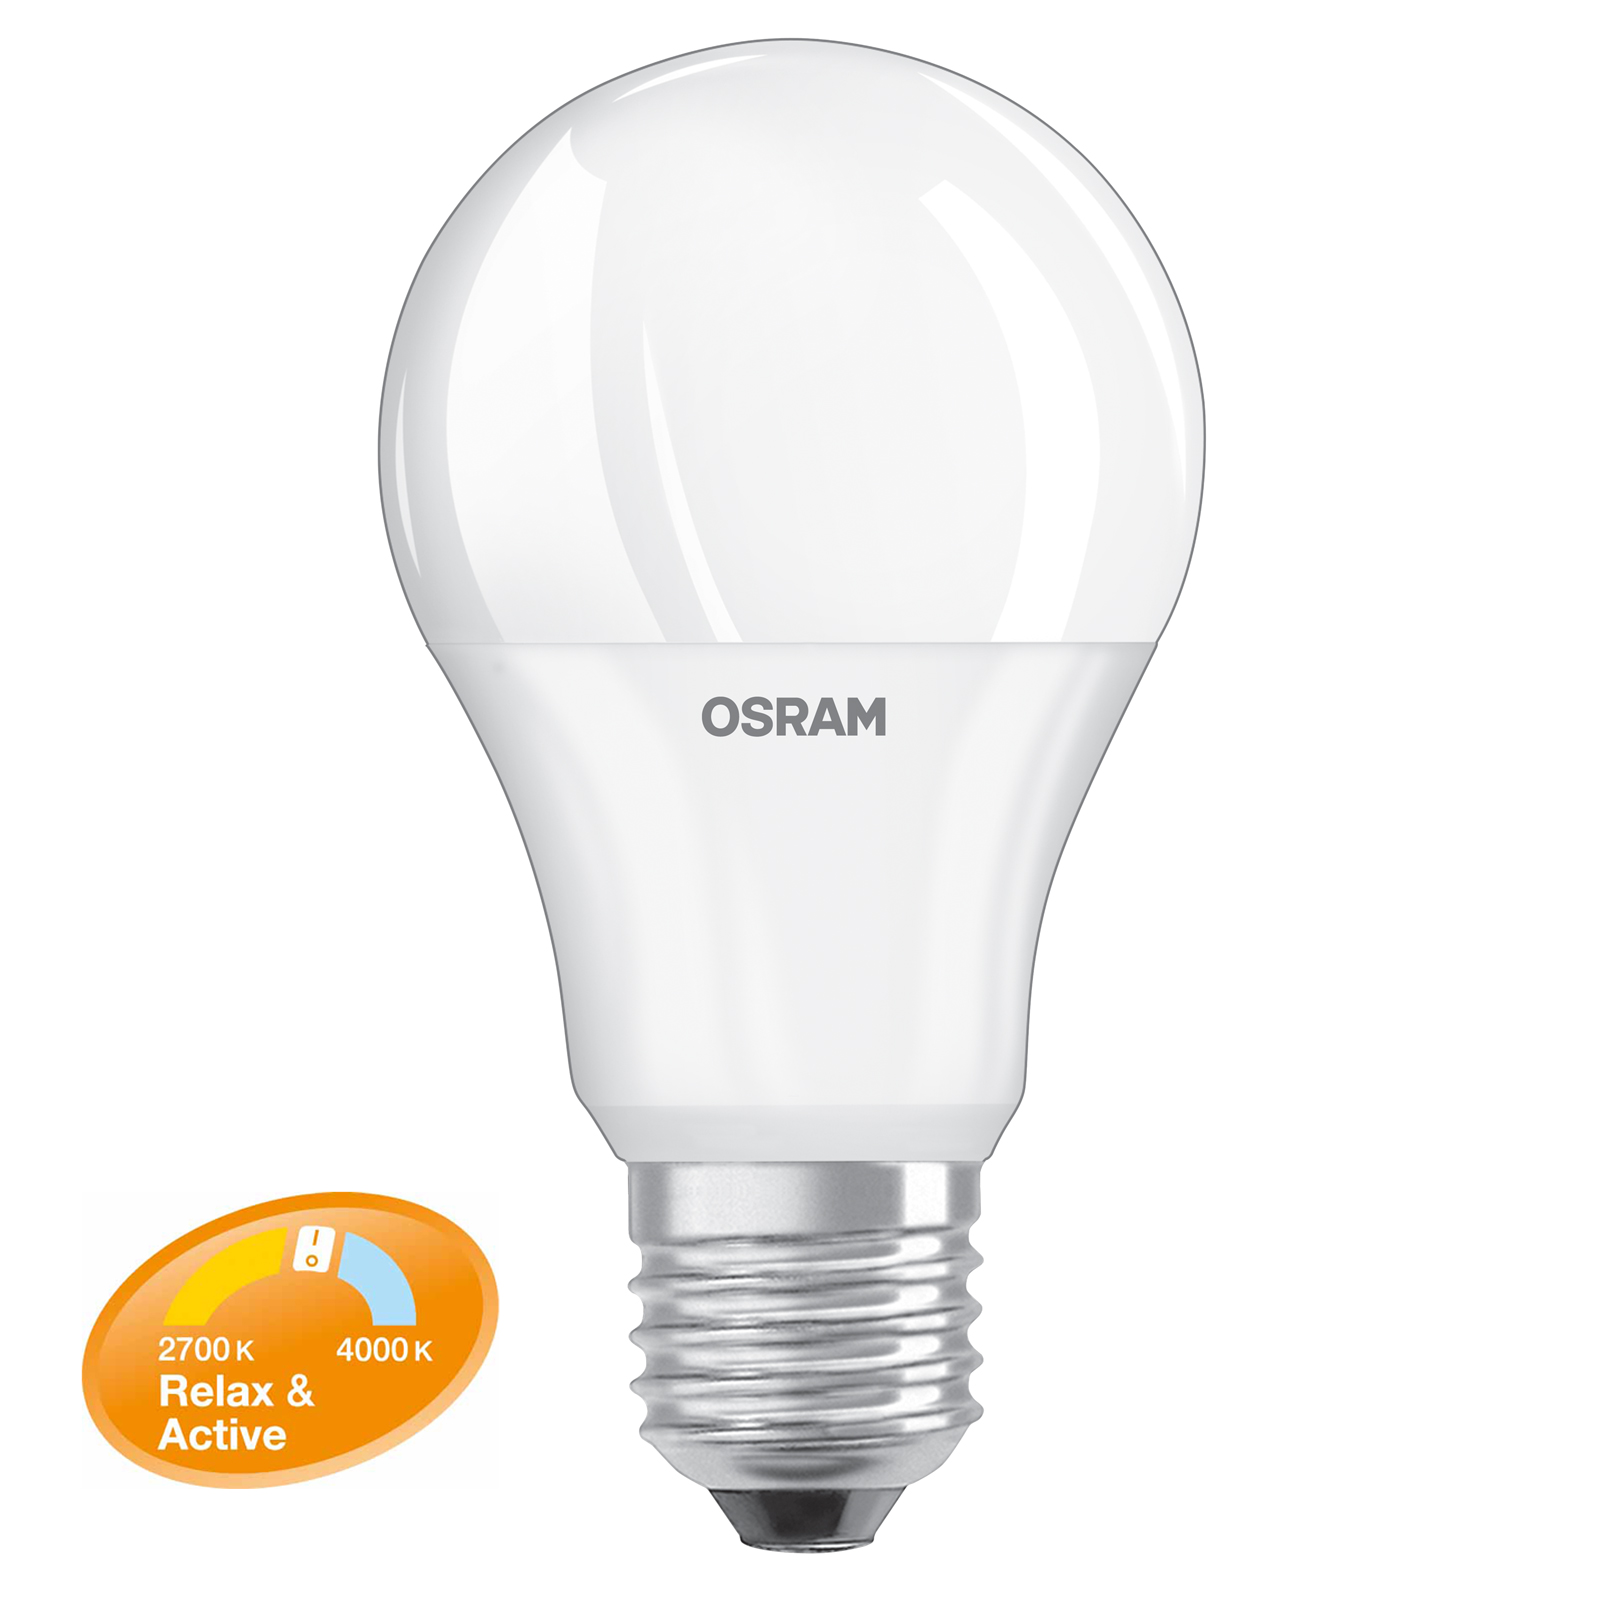 LED-Lampe OSRAM Relax & Active E27 8W (Ersatz für 60 Watt) 806 Lumen warmweiß & kaltweiß